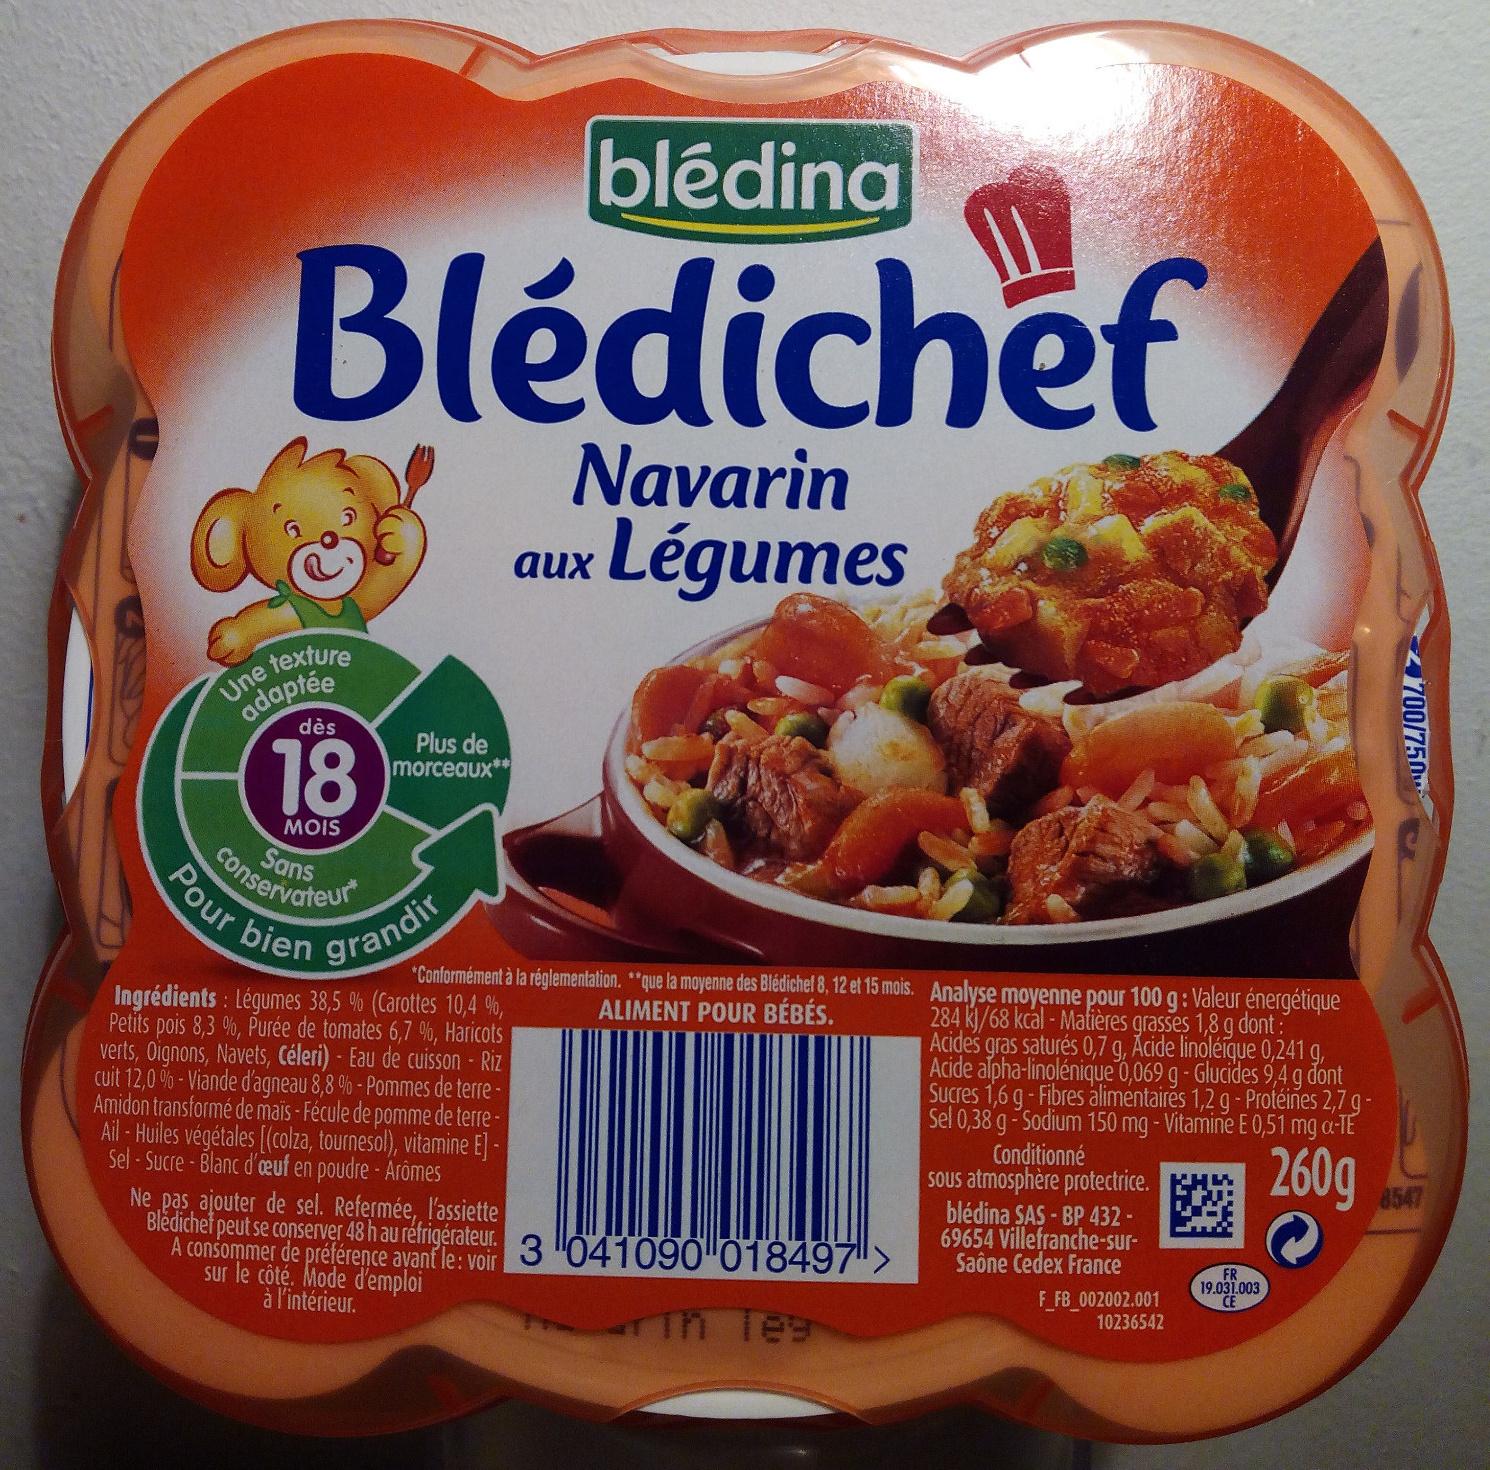 Blédichef Navarin aux Légumes - Produit - fr